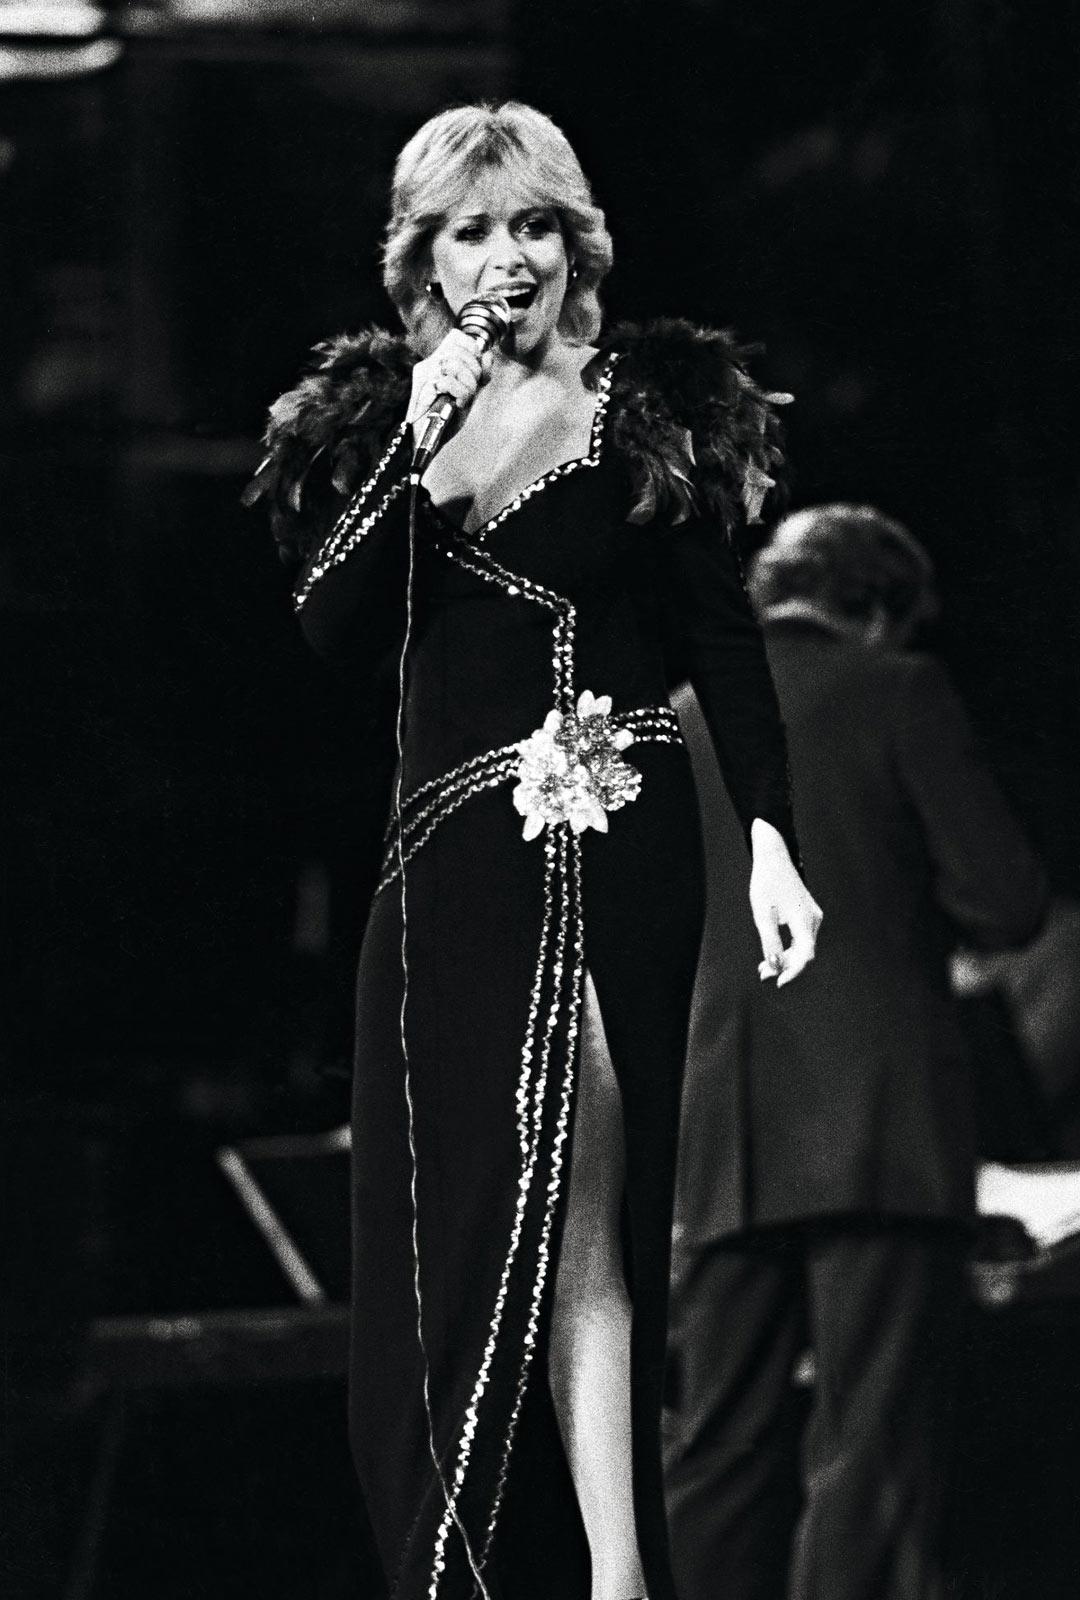 Marion voitti Sopotin laulukilpailun jo toisen kerran vuonna 1980.